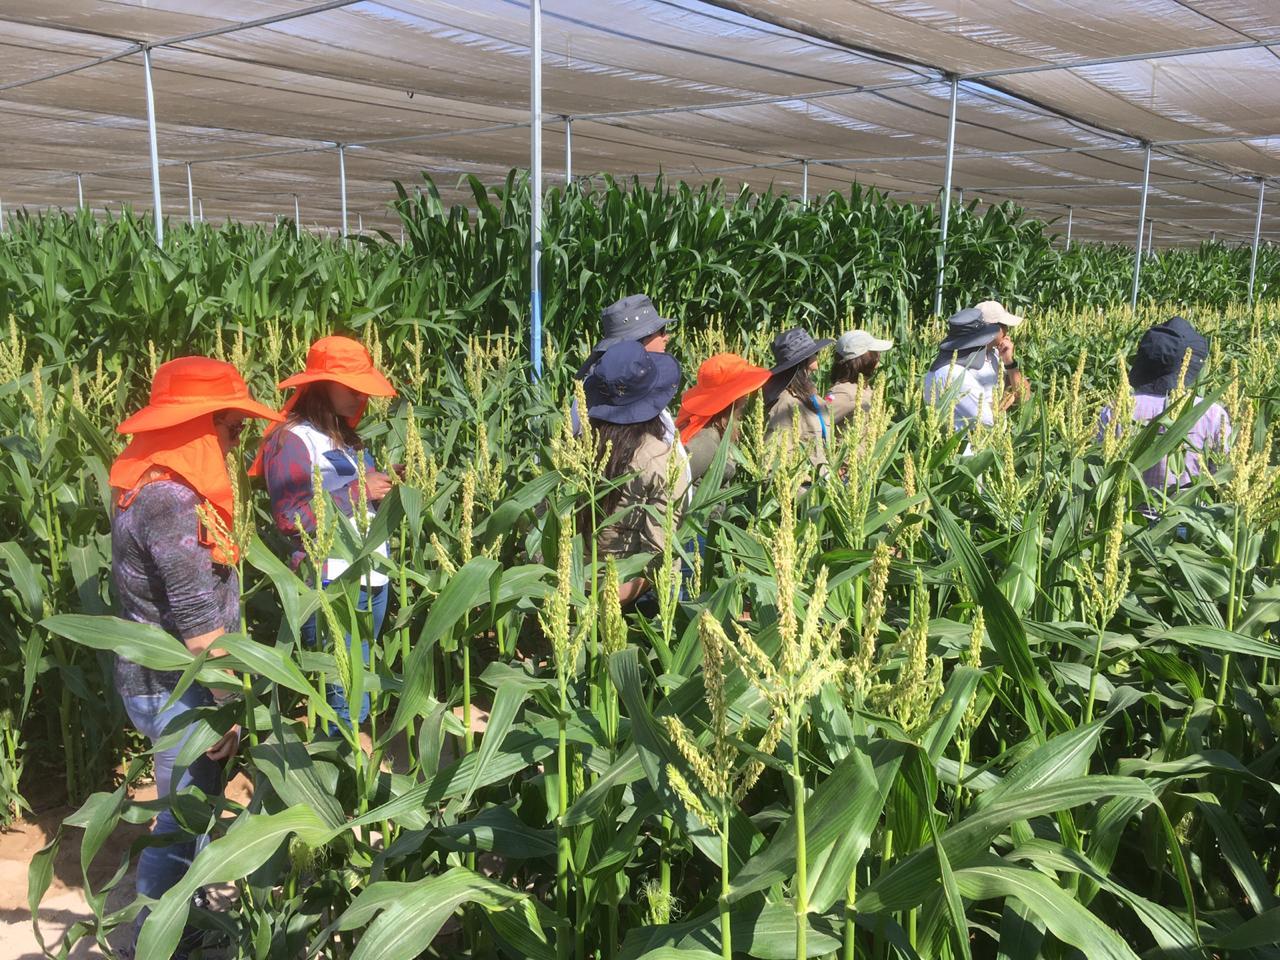 Representantes del SAG visitan instalaciones de investigación y desarrollo en Arica y Parinacota